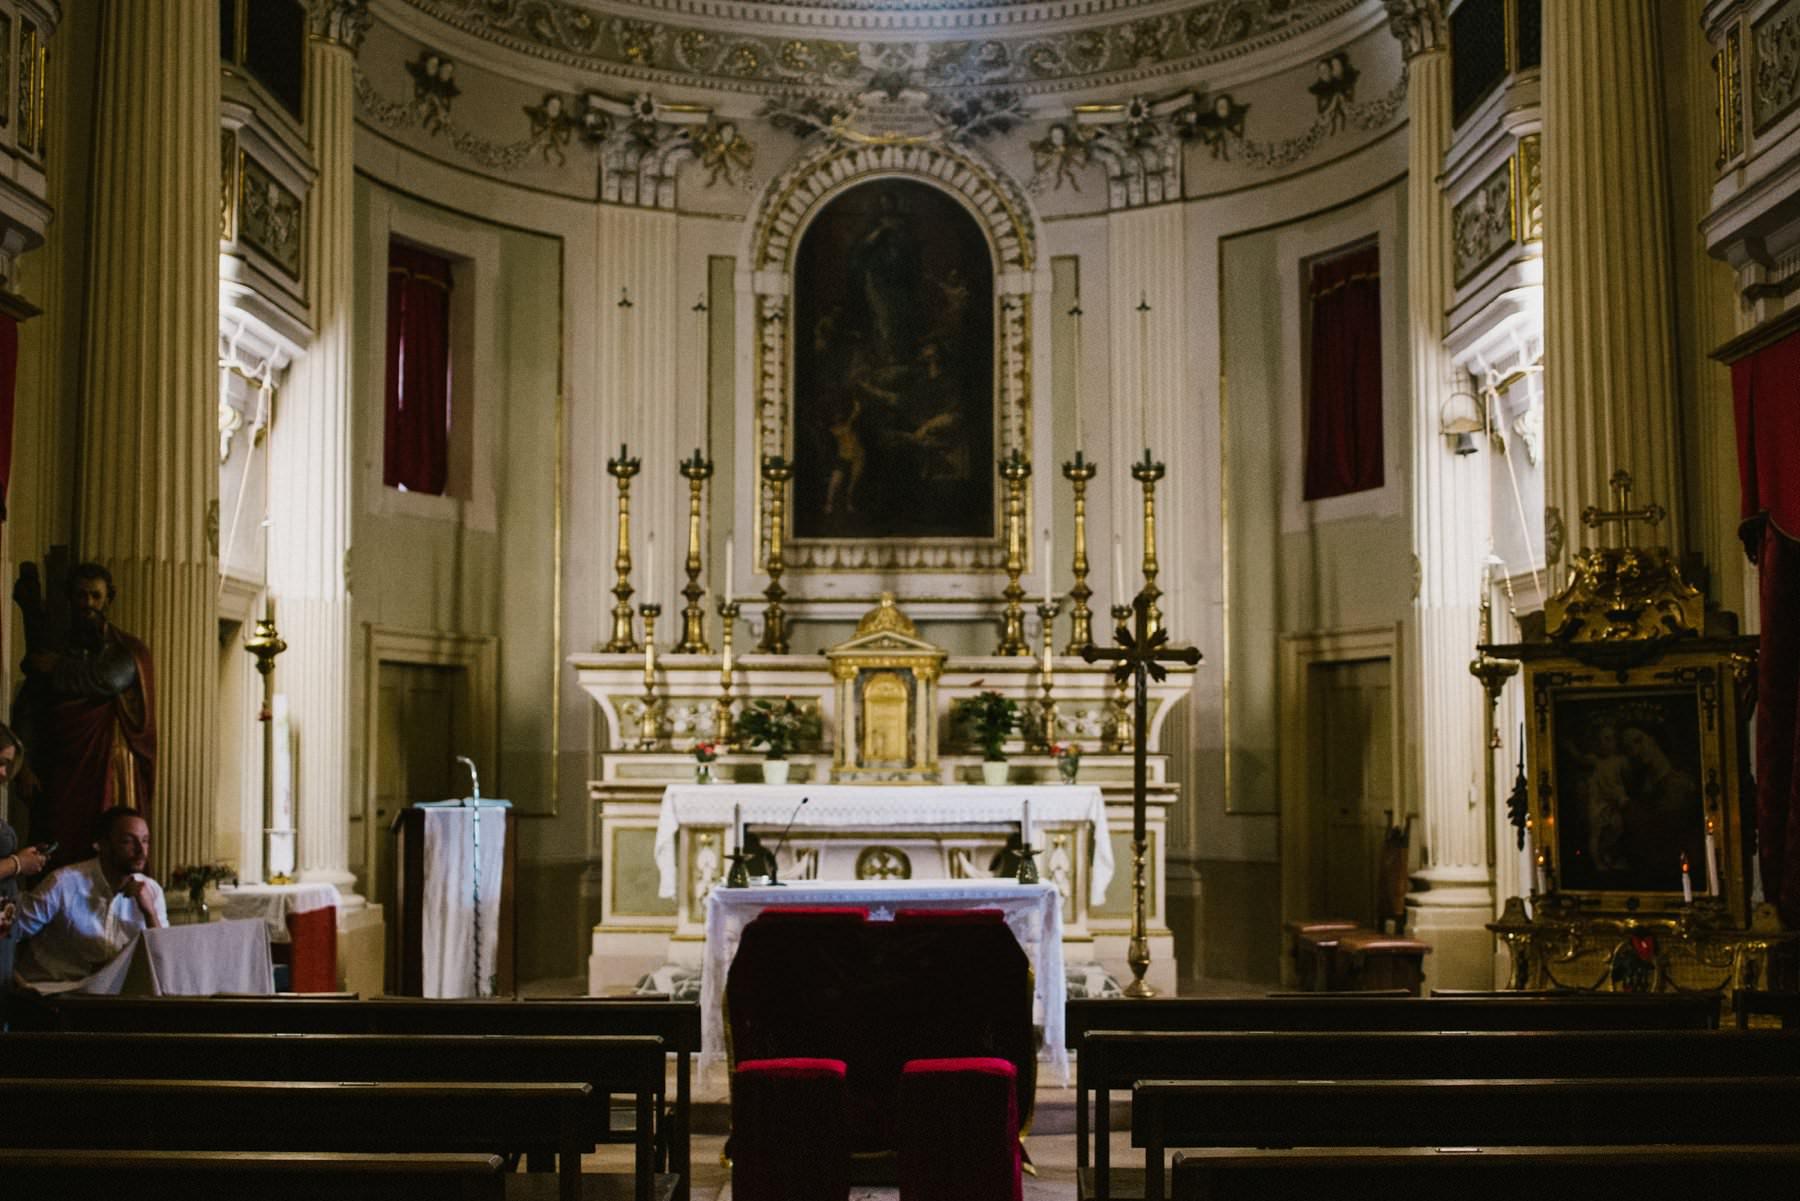 inside the chapel of petritoli italy